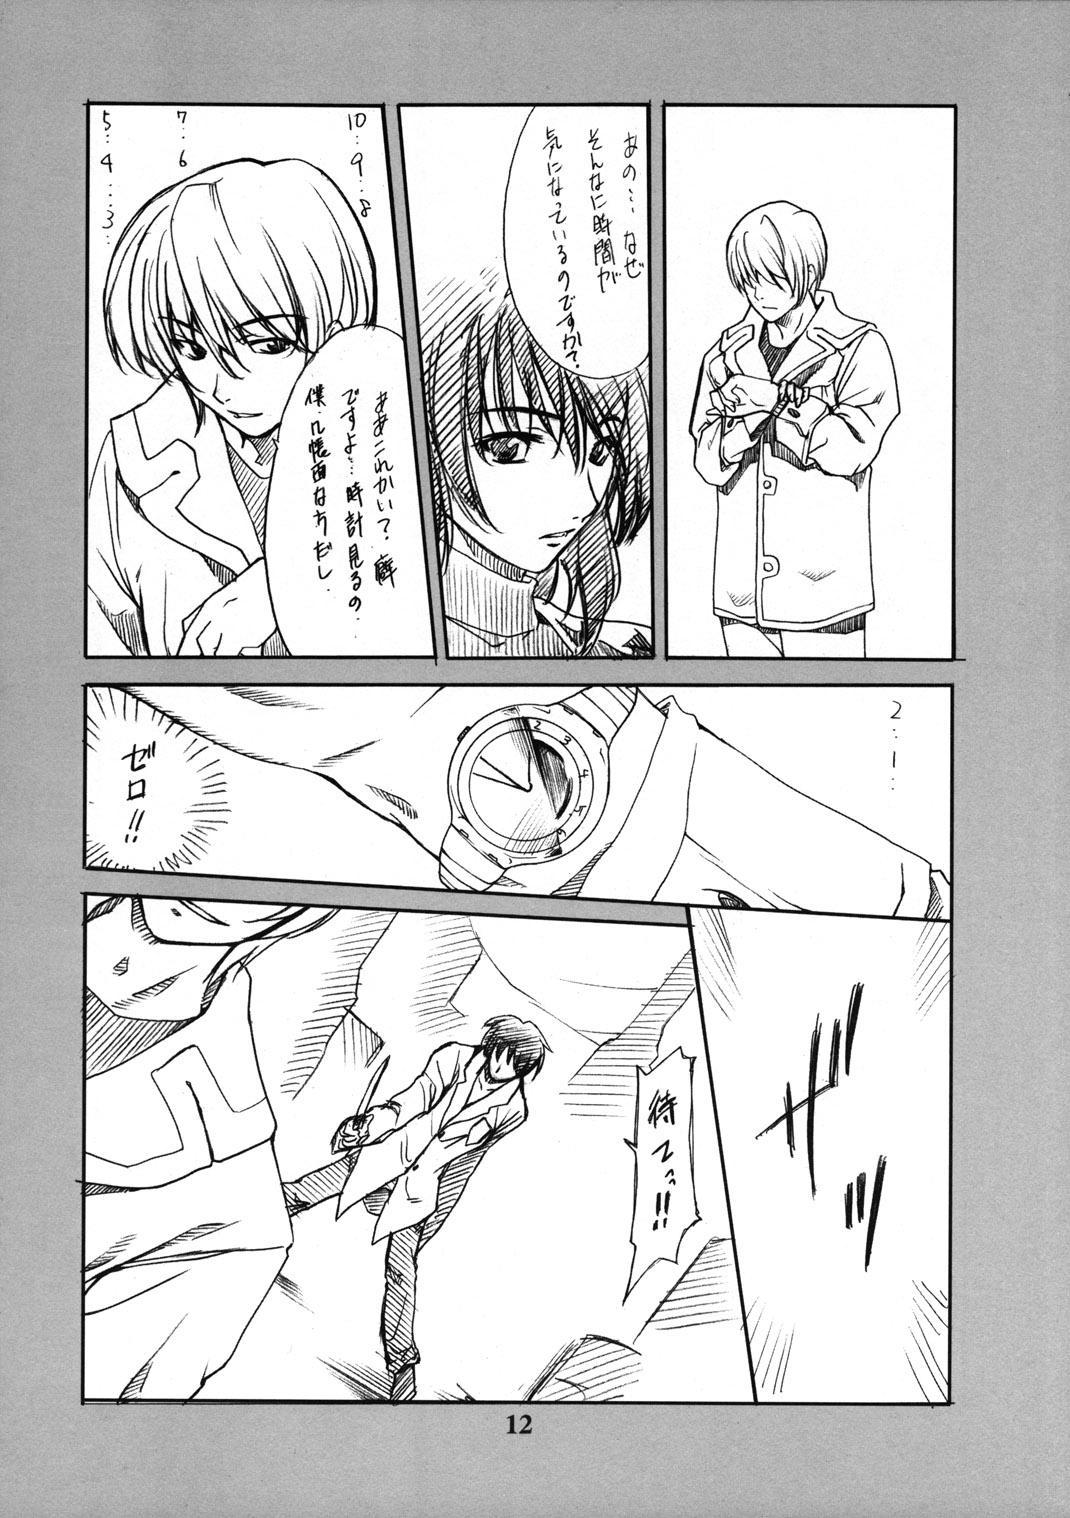 (CR35) [P-FOREST (Hozumi Takashi)] Maki Shouko(Gimei) Misora Naomi (Death Note) 10